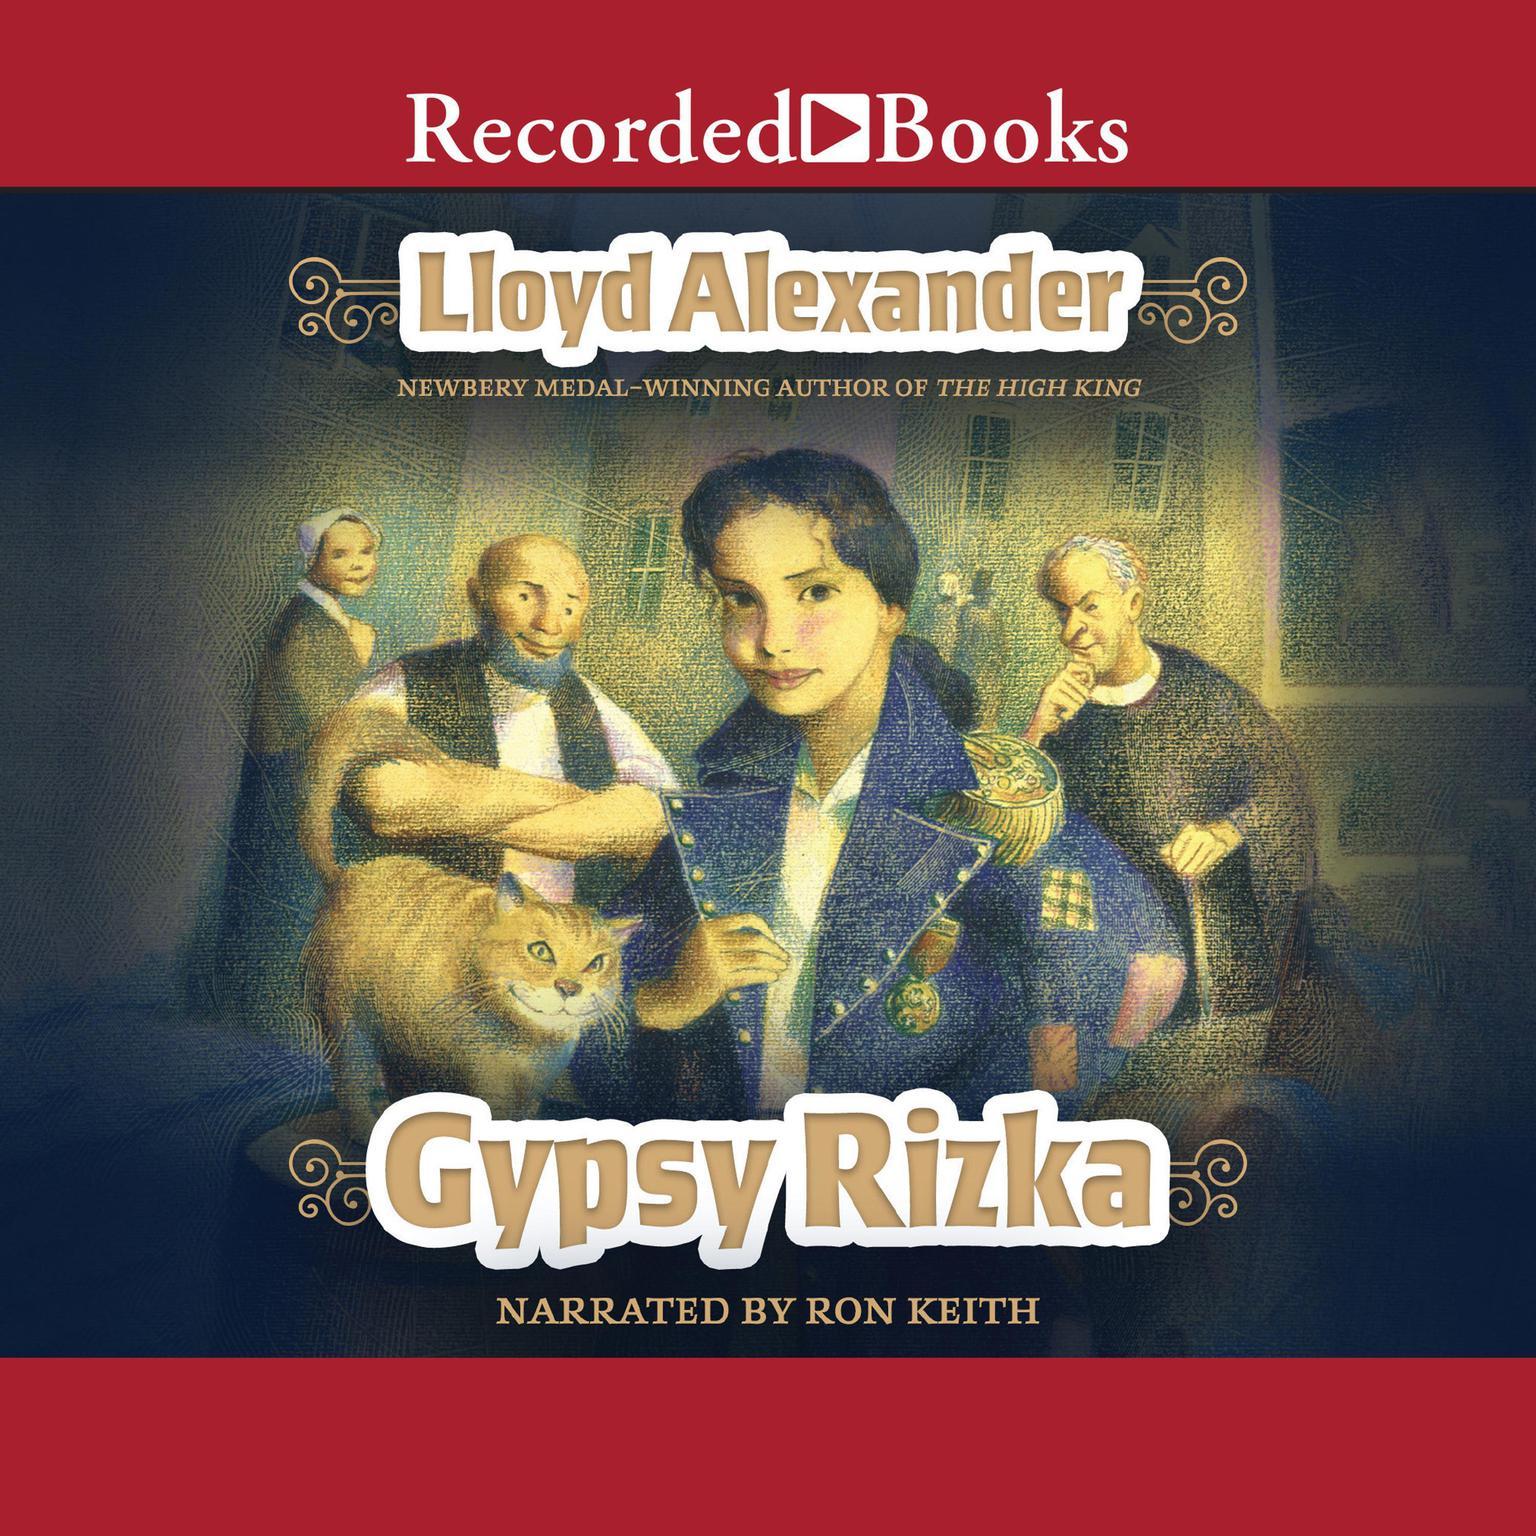 Gypsy Rizka Audiobook, by Lloyd Alexander